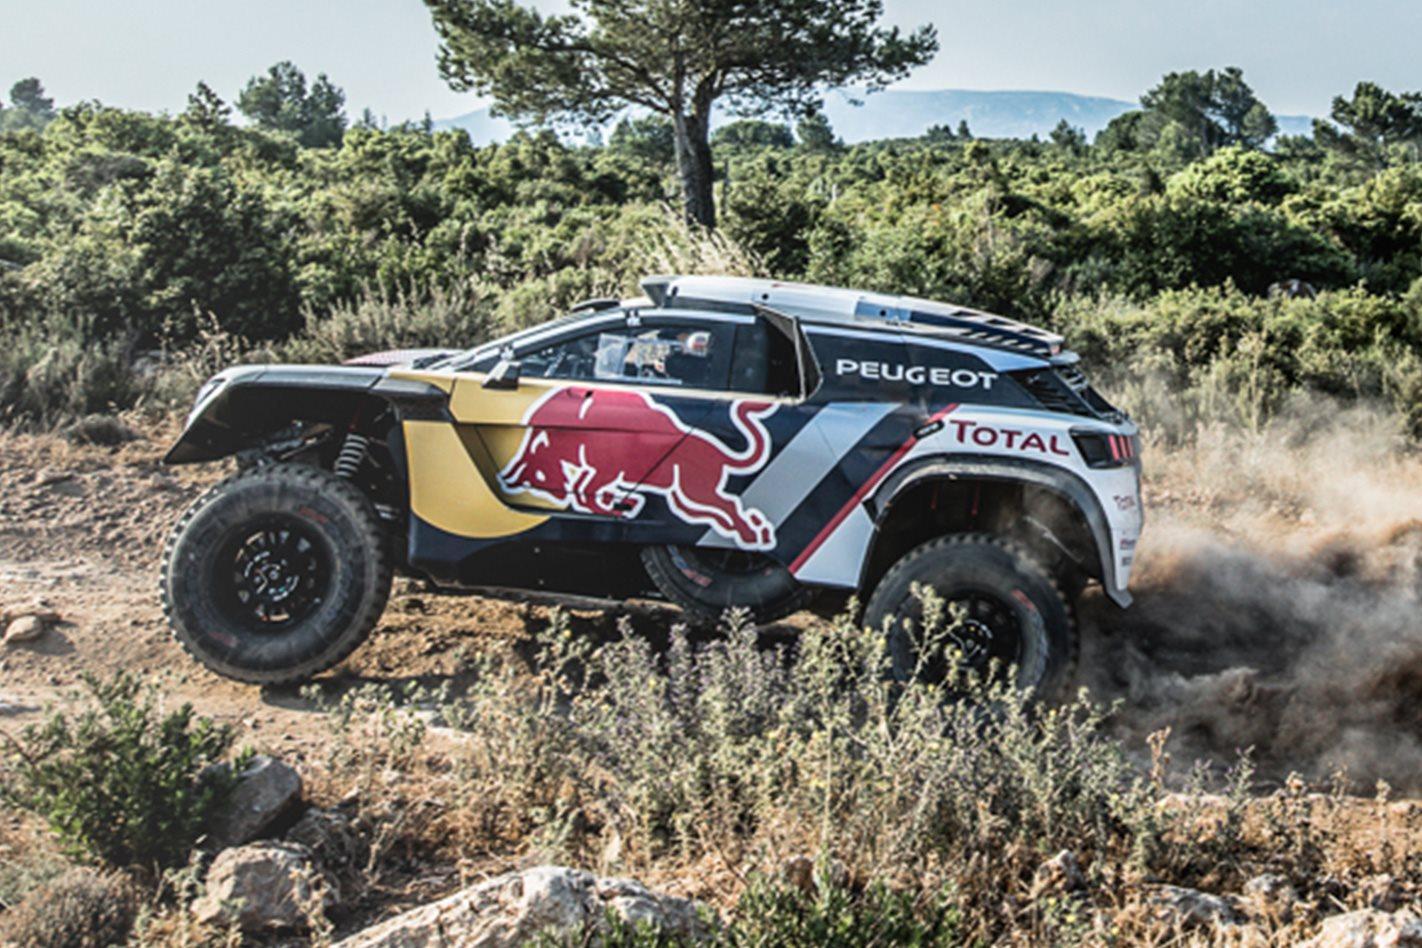 2018 Peugeot Dakar Challenger side profile